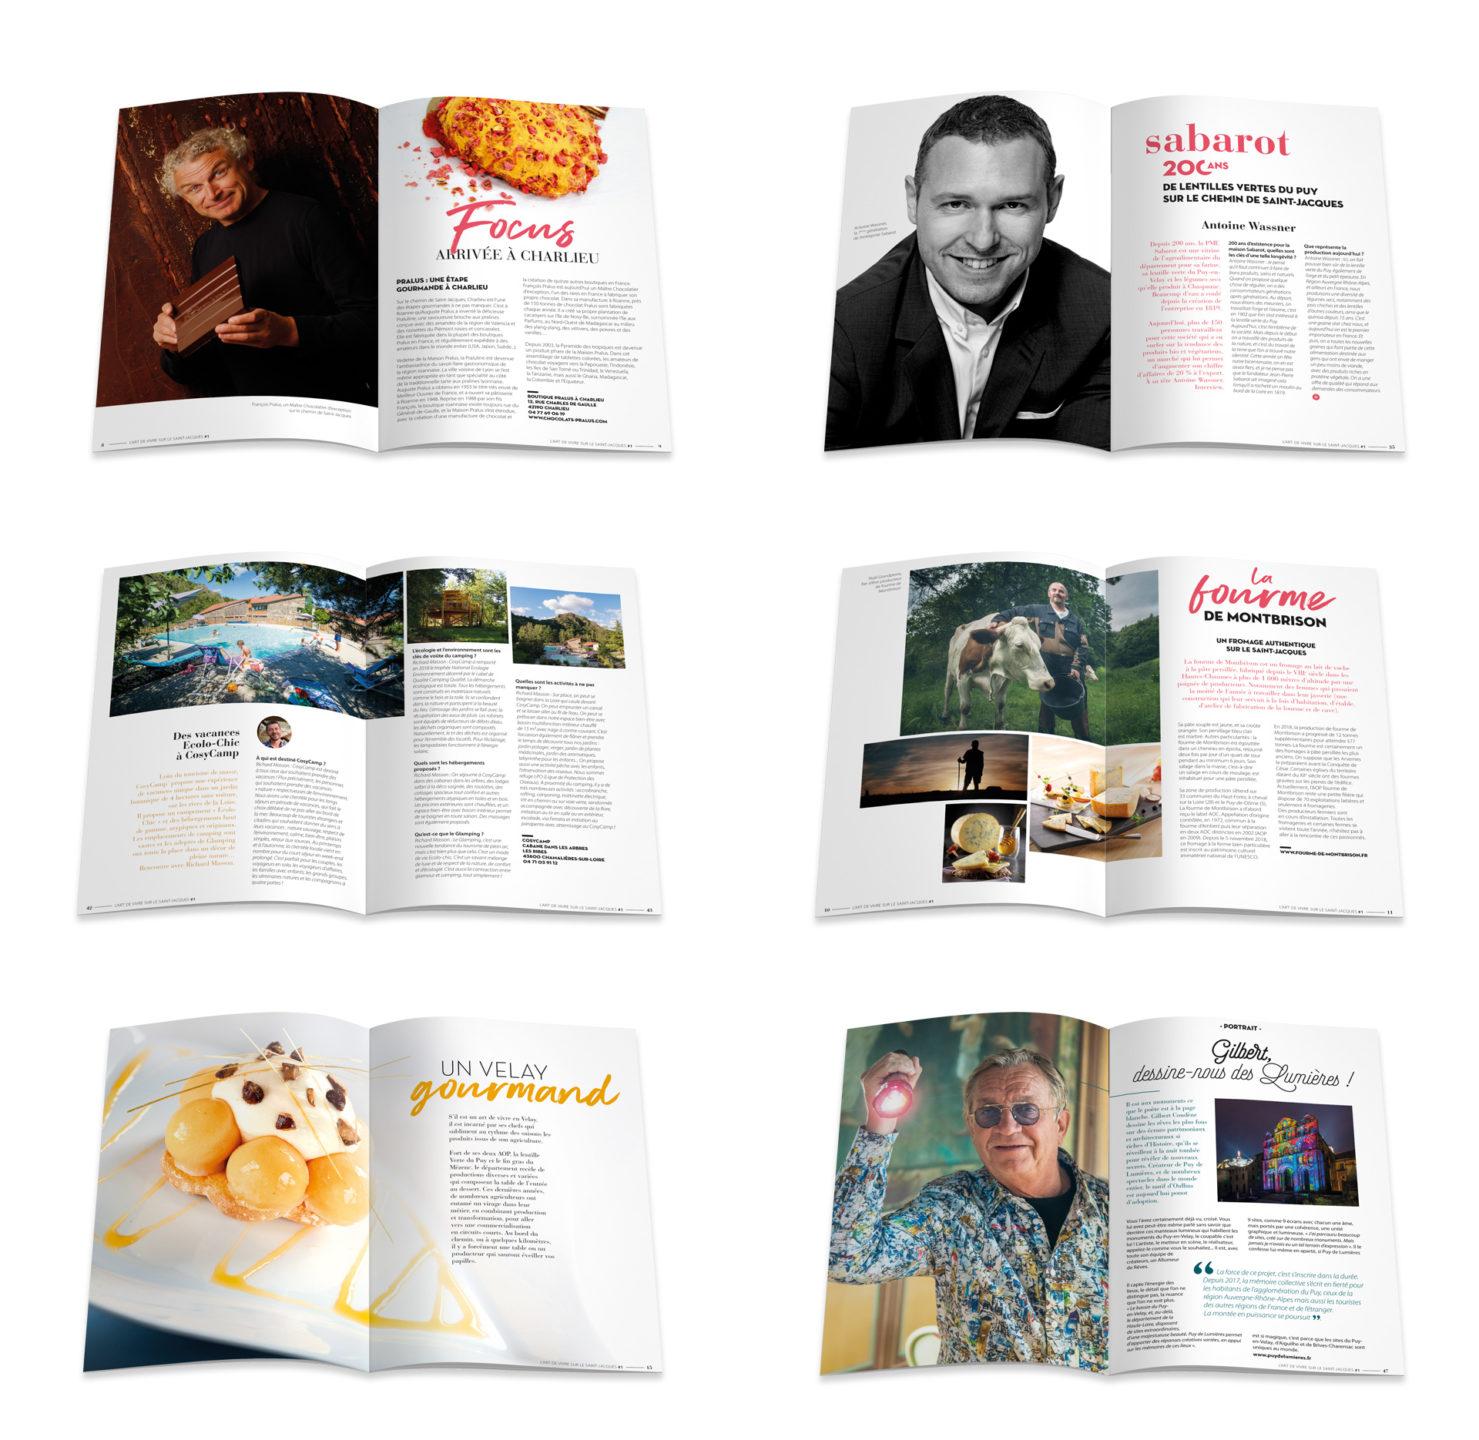 Studio N°3 imagine la création du magazine Haute-Loire en chemin